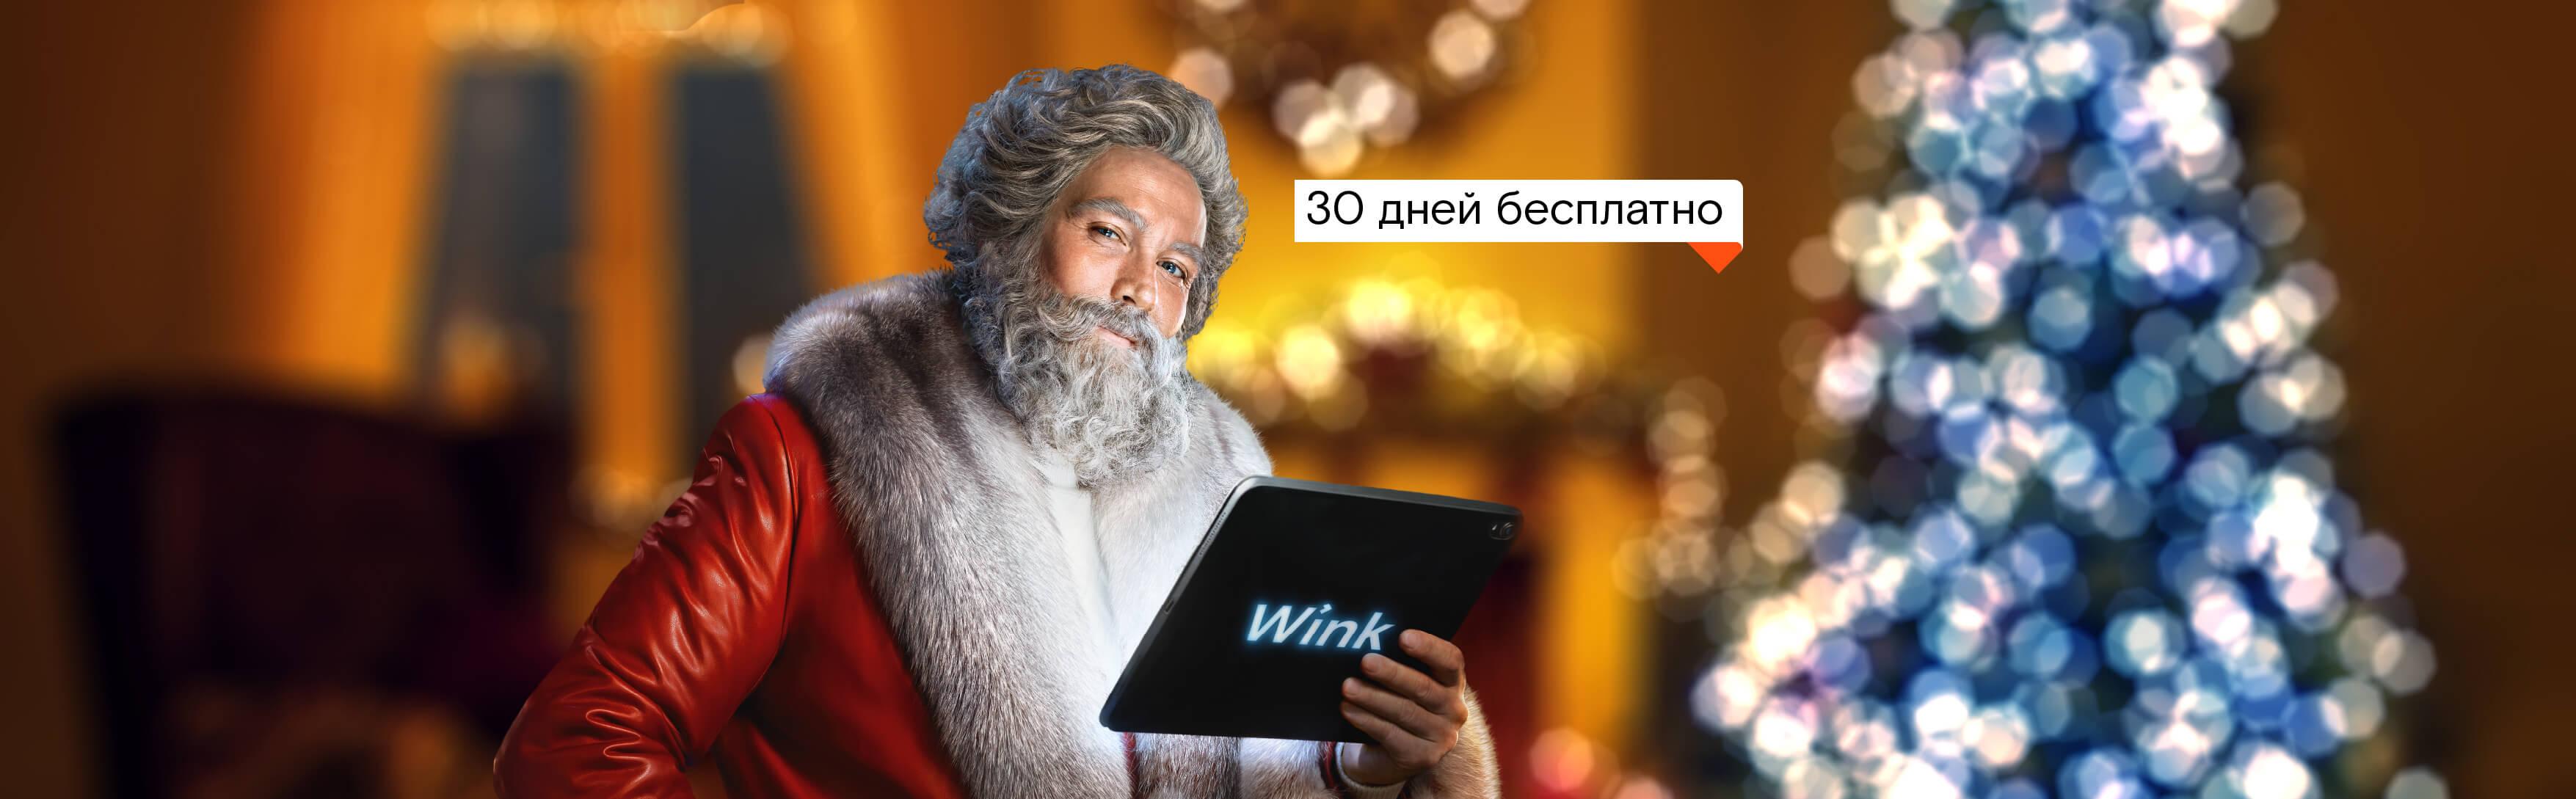 В новогодние каникулы кировчане смогут посмотреть в сервисе Wink сотни киноновинок